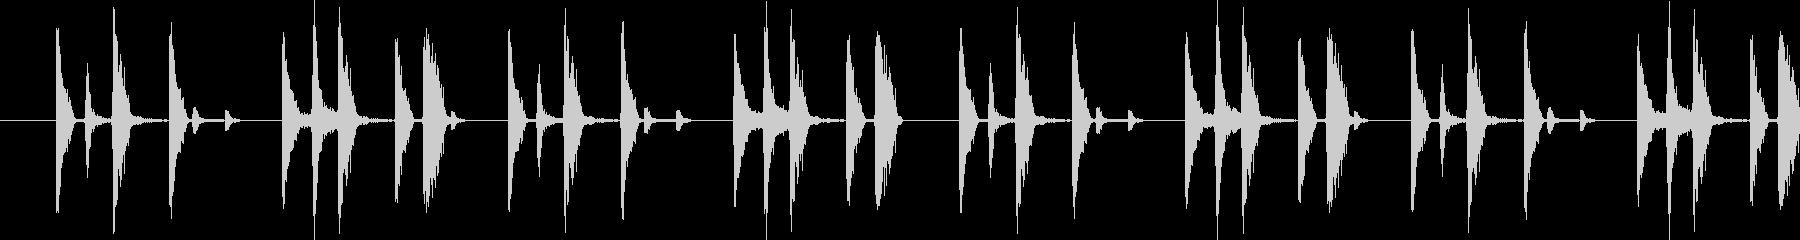 ドラムの音の未再生の波形